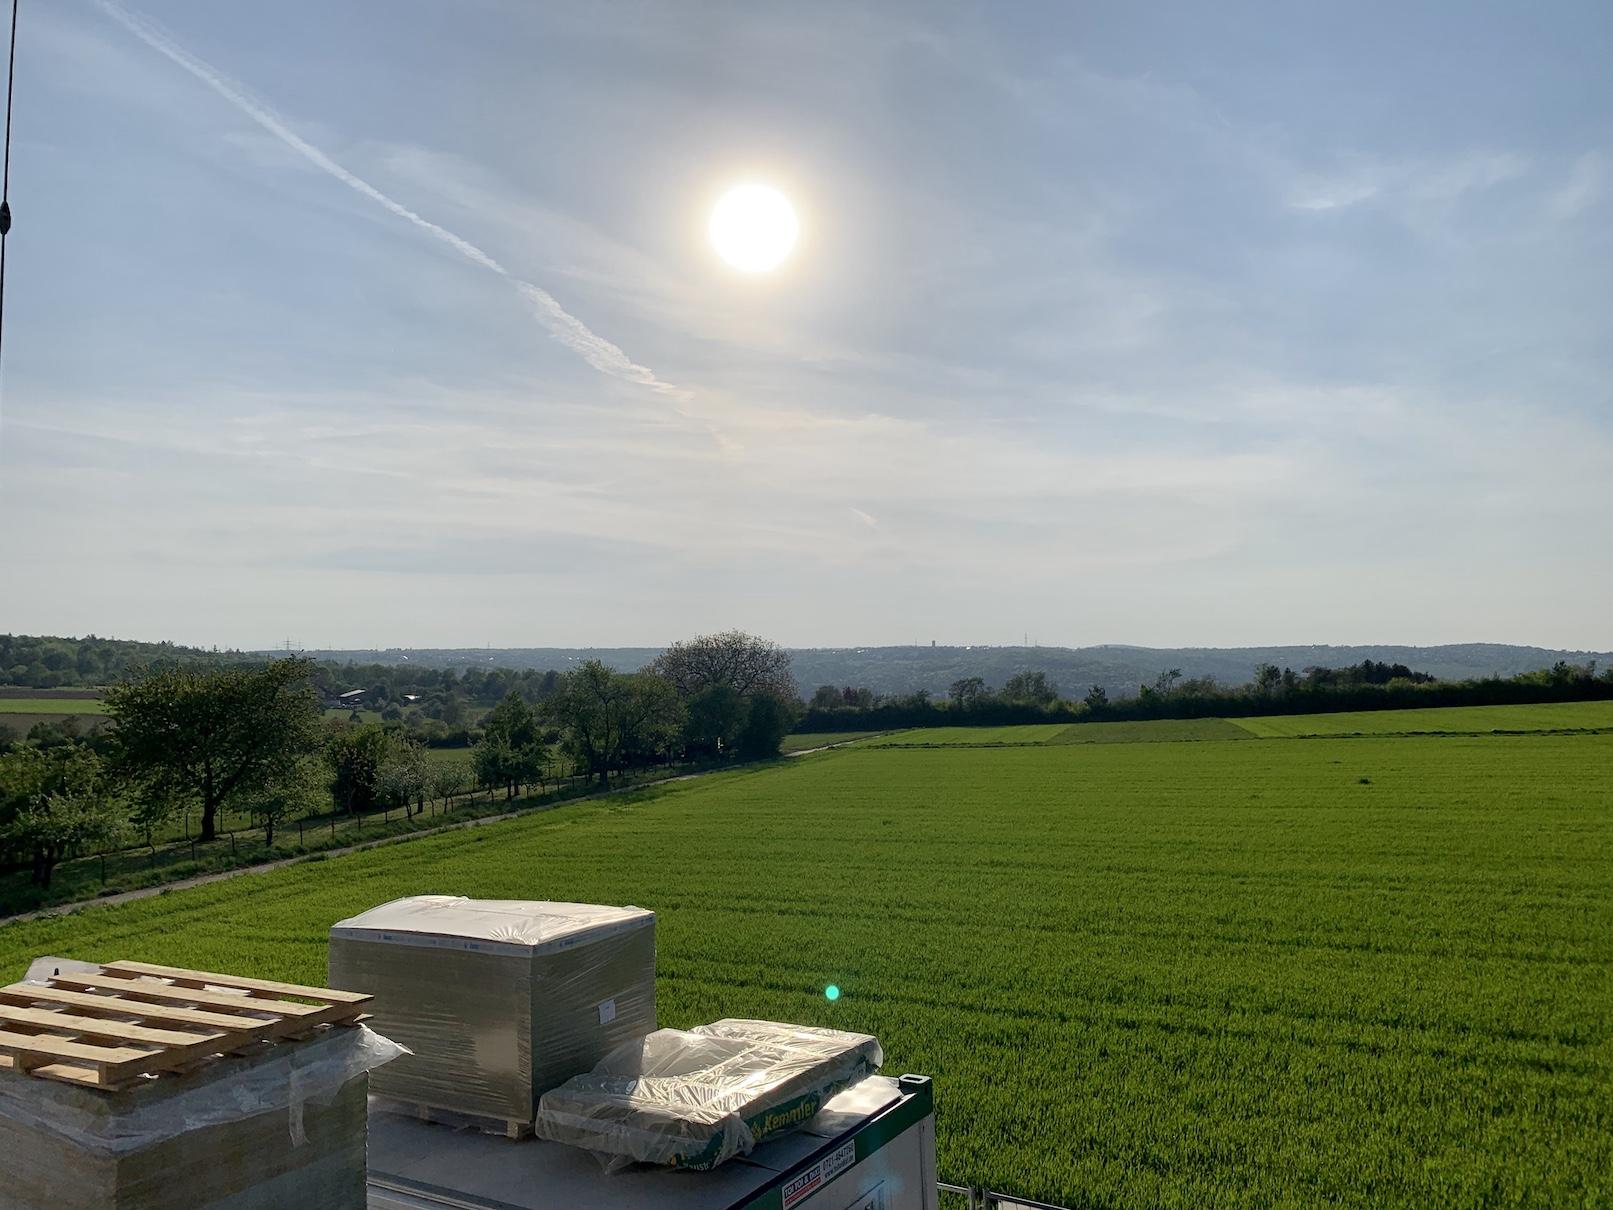 23.04.2020 - Die Gerüste wurden aufgestellt - mit Blick über die Felder.